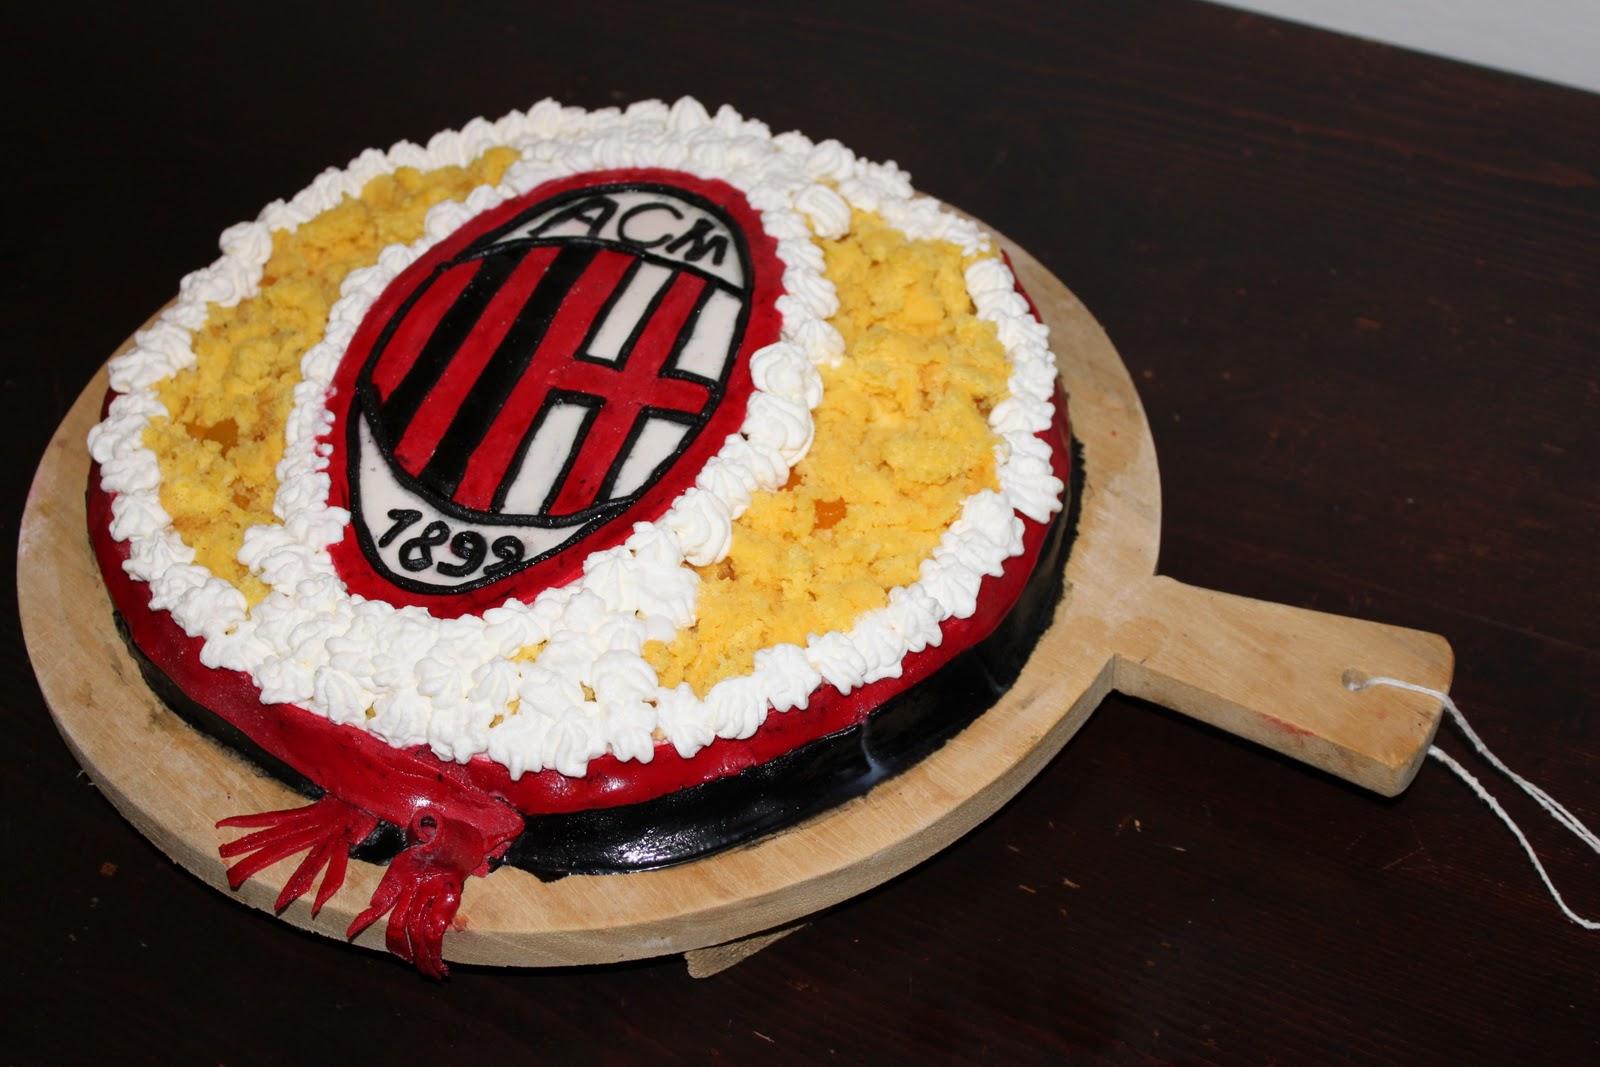 I dolci di giovanna torta milan torta del re - Abbellito con decorazioni ...